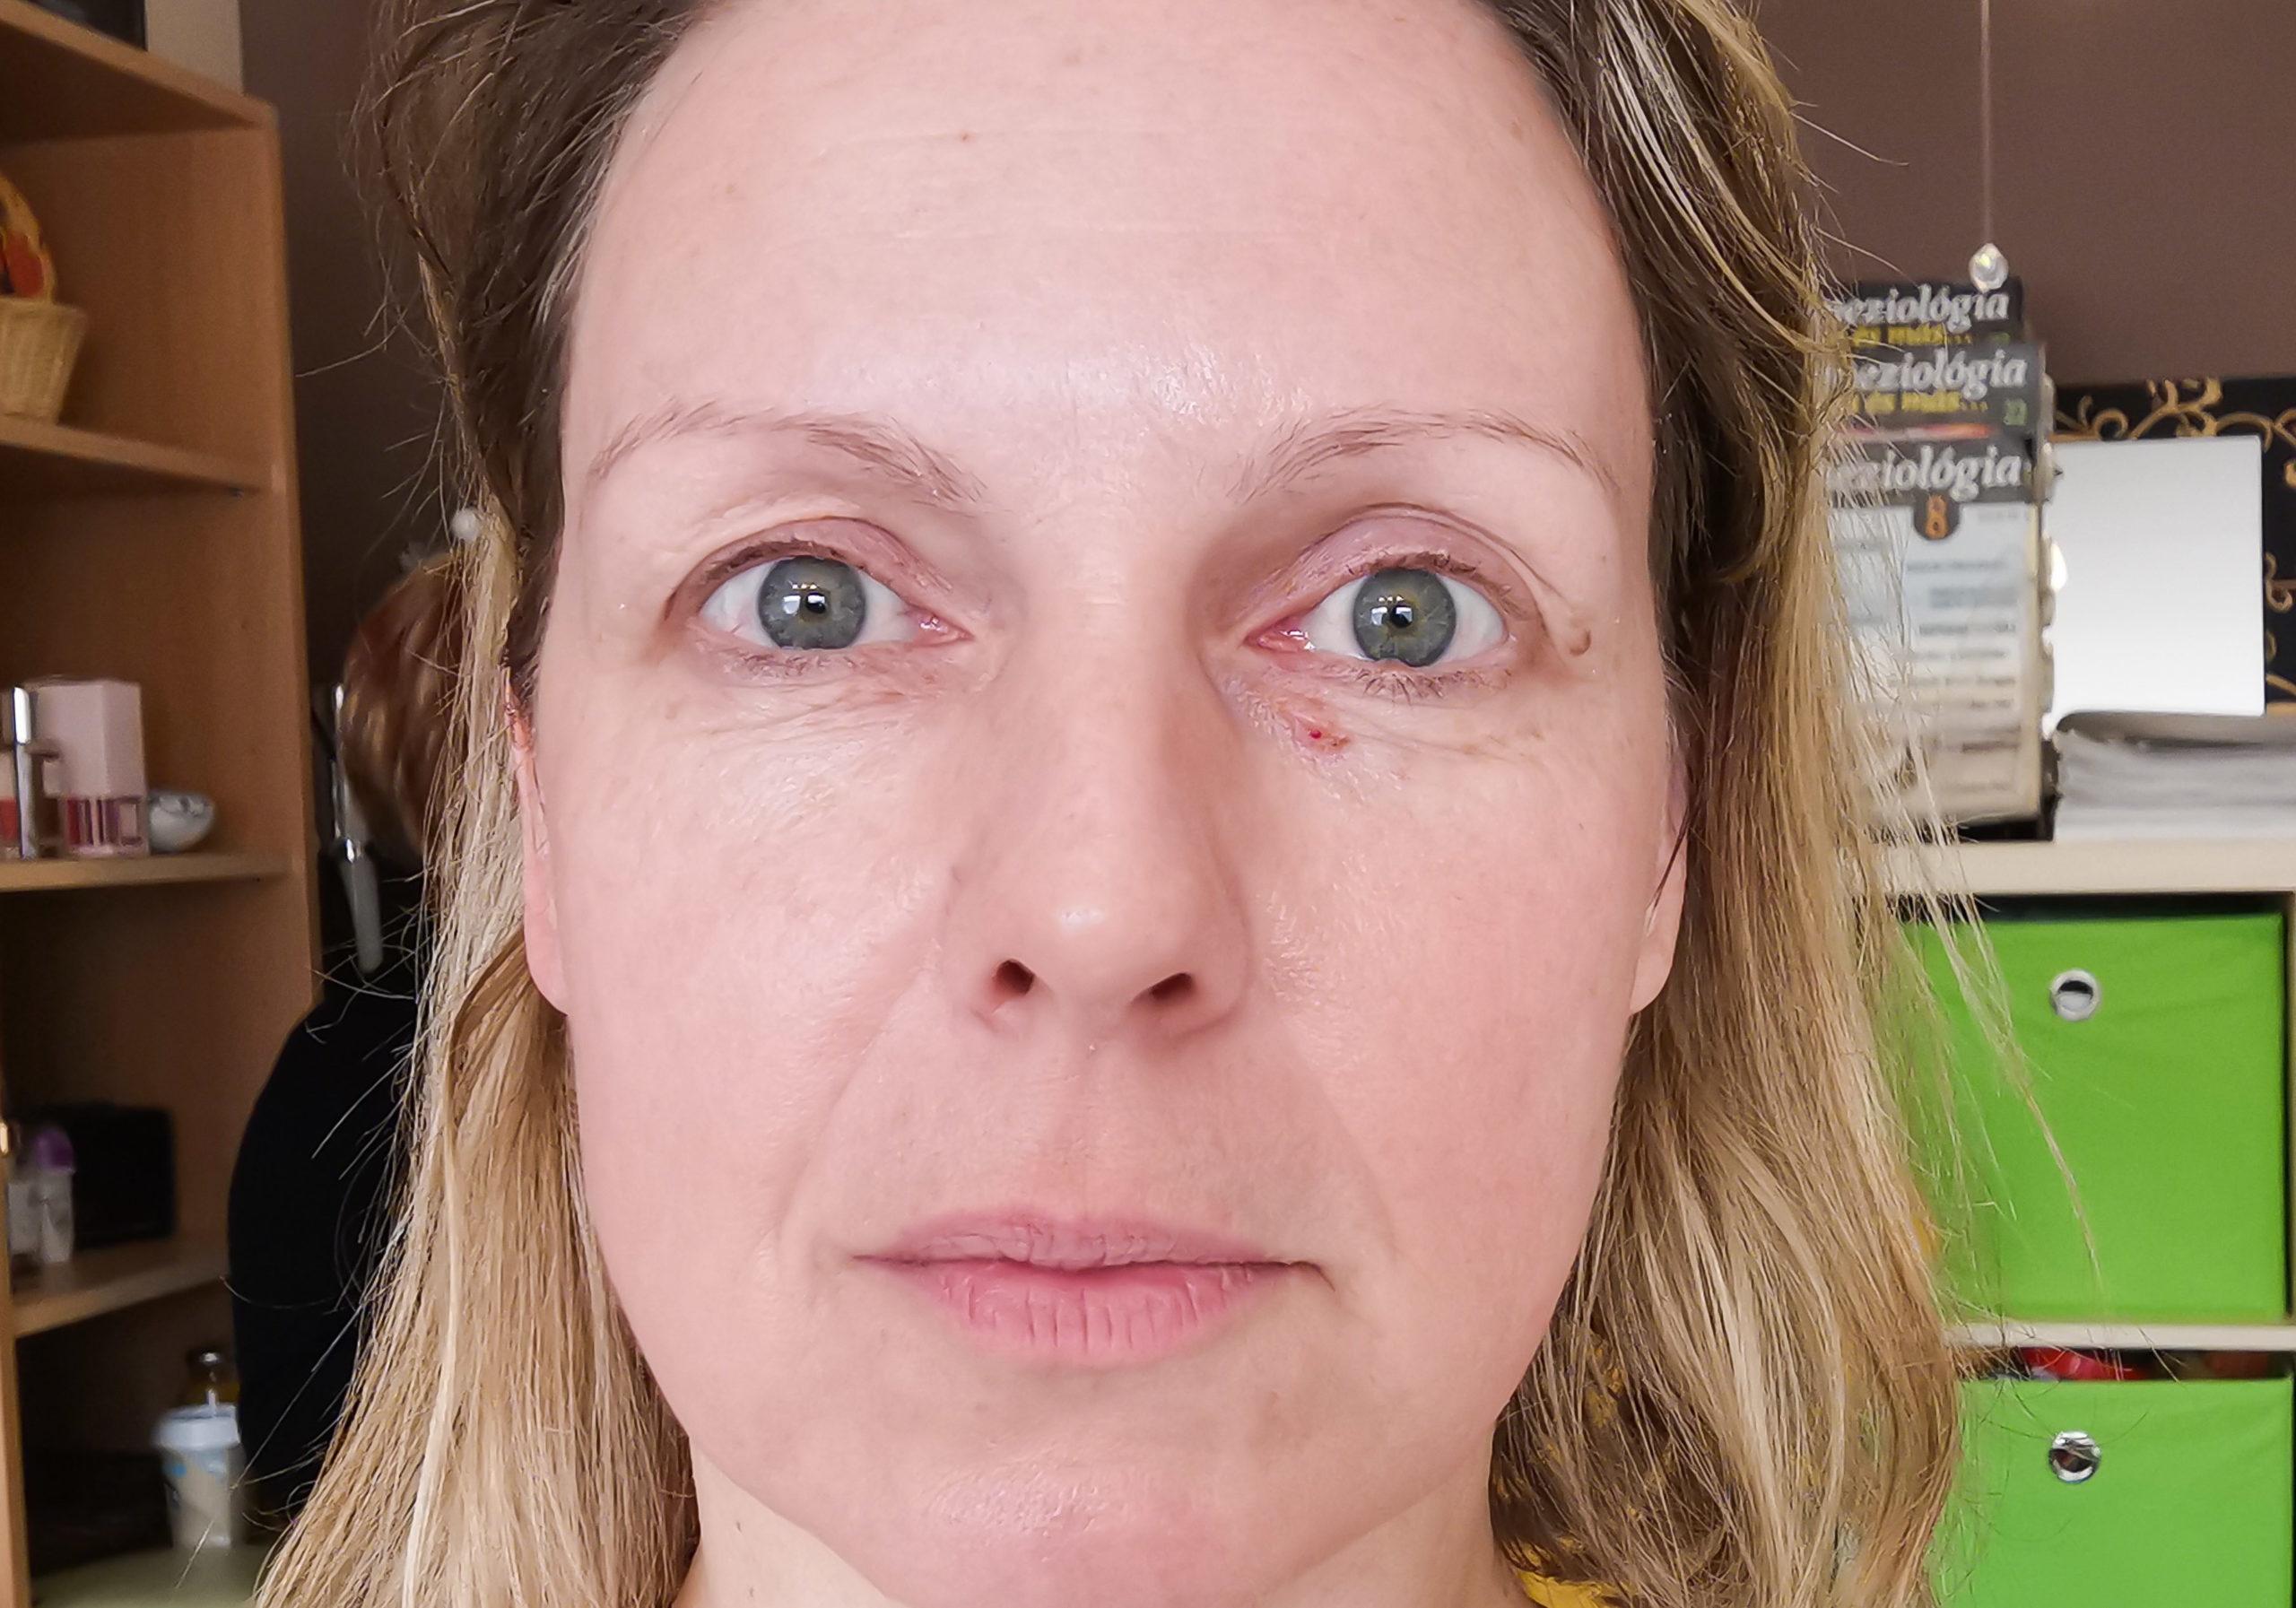 női arc smink nélkül, kezelés után